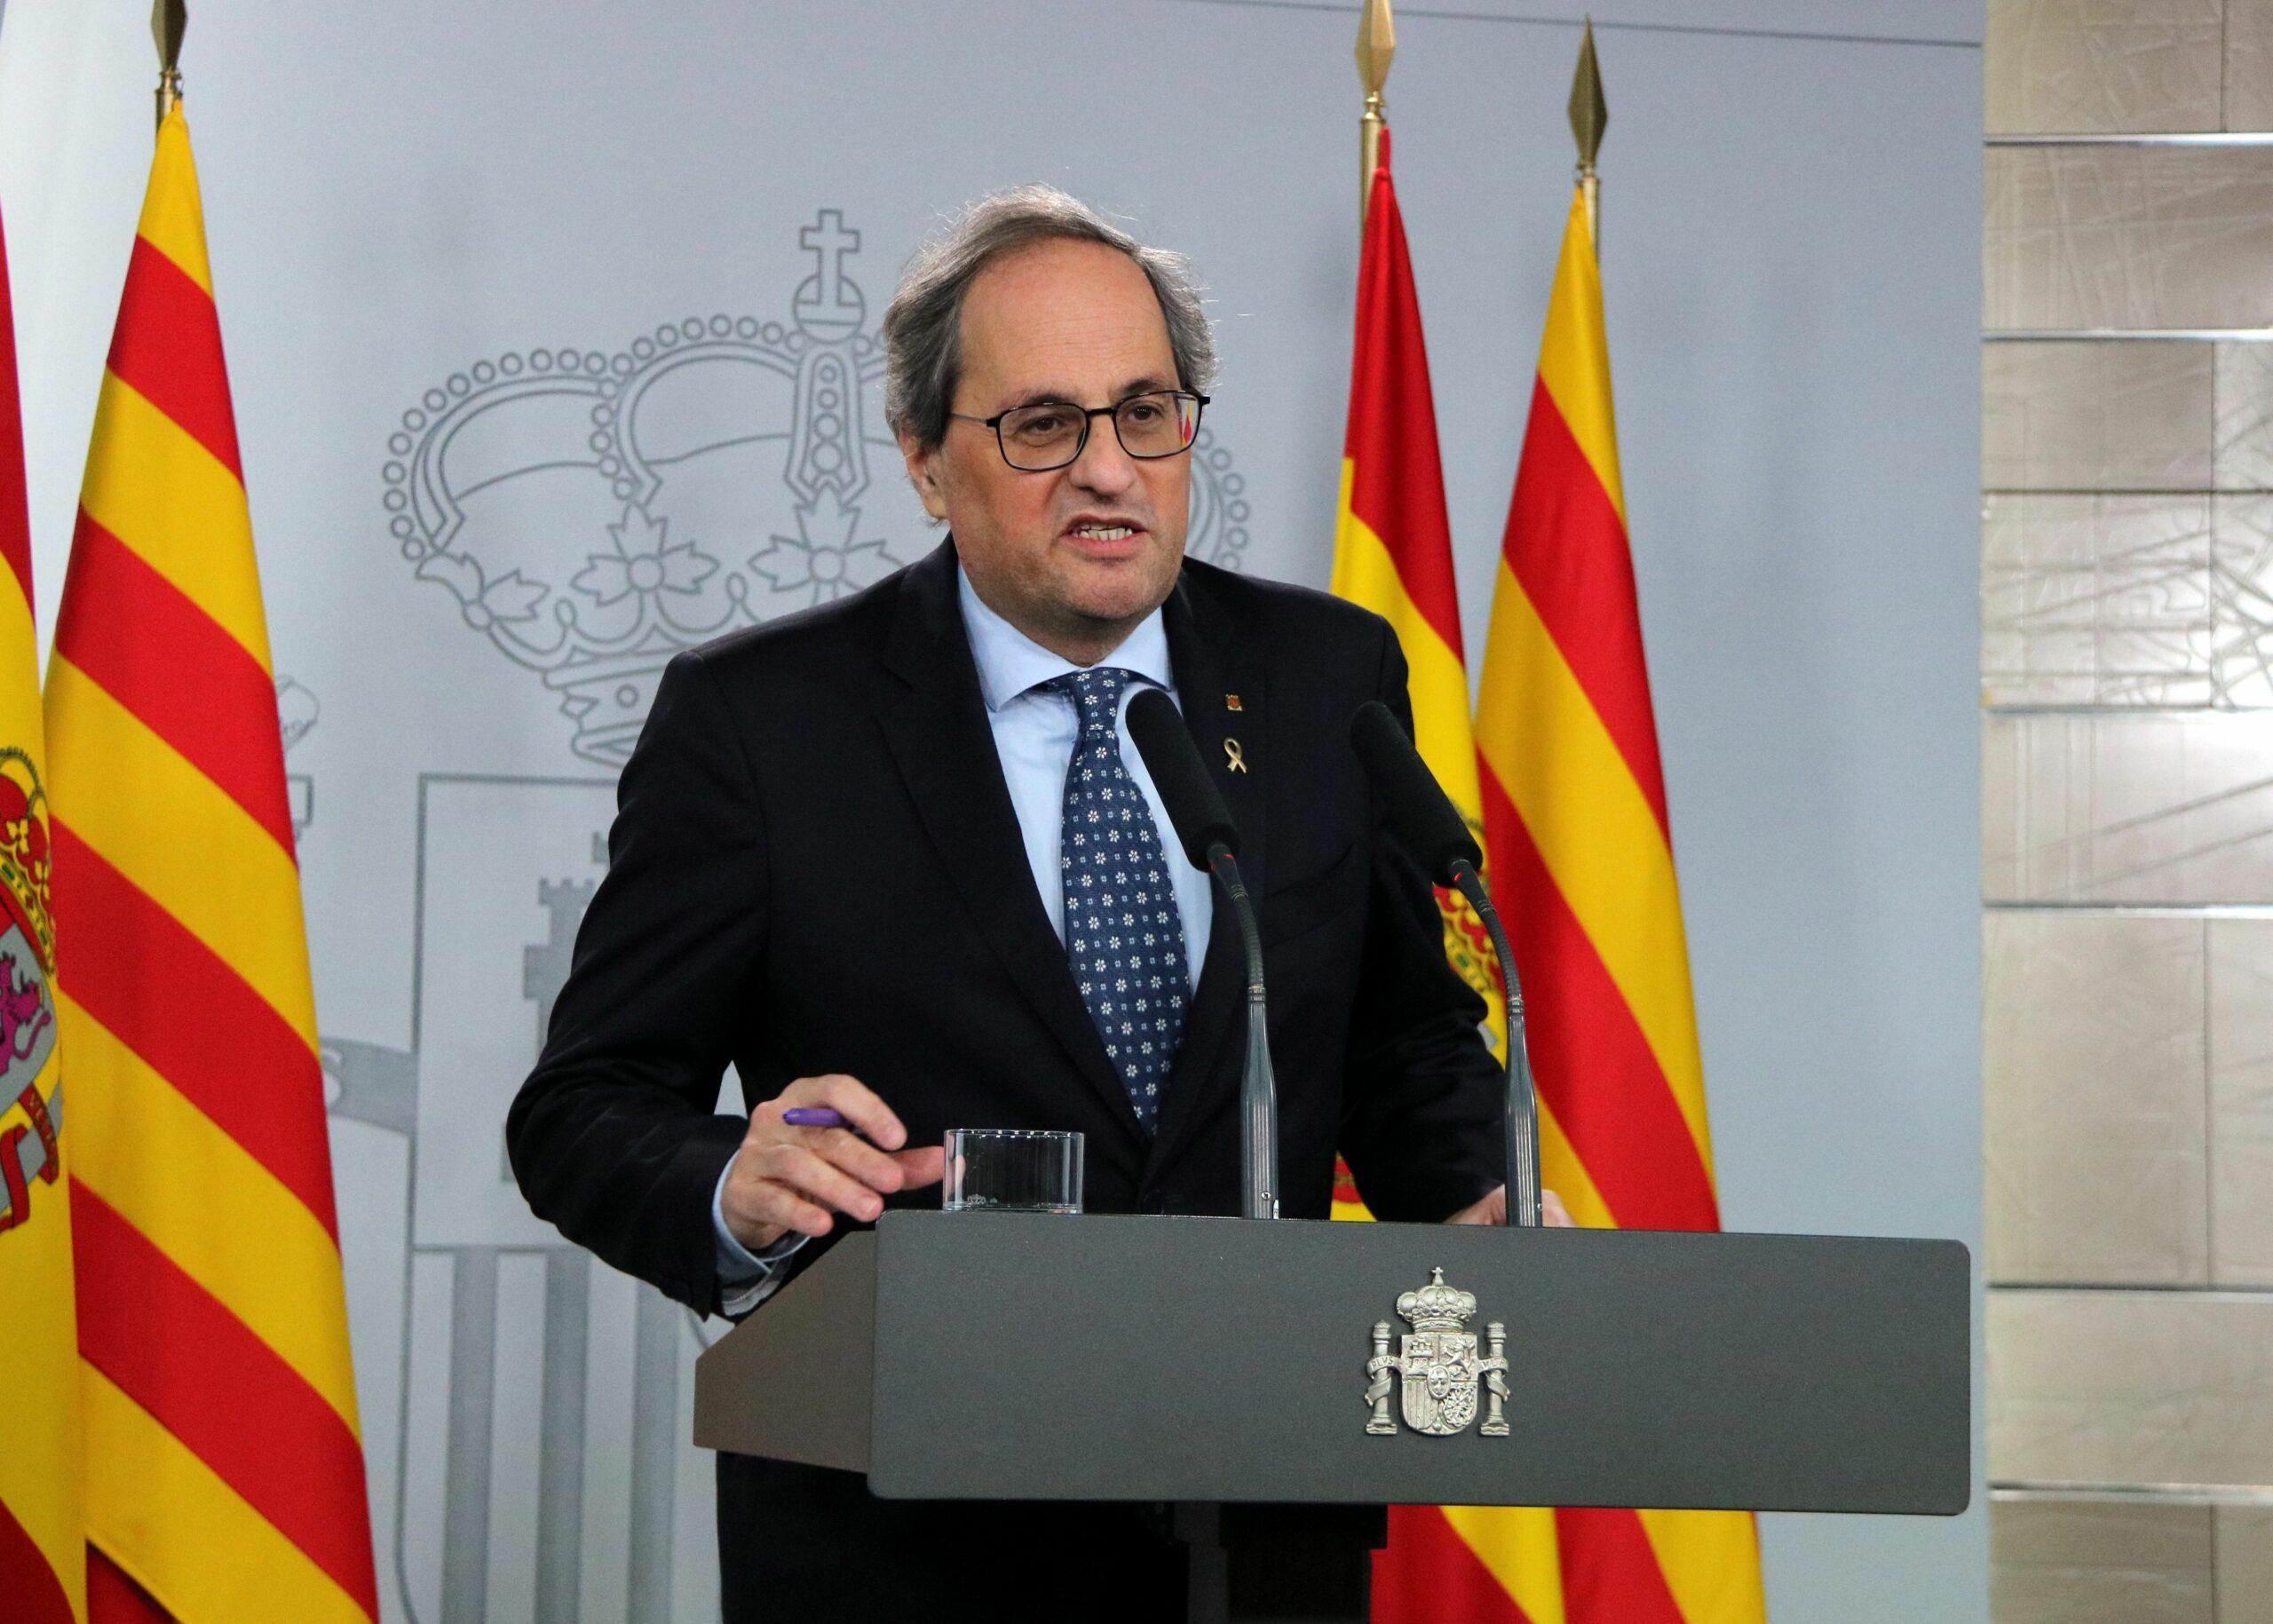 El president de la Generalitat, Quim Torra, durant la seva compareixença a la Moncloa